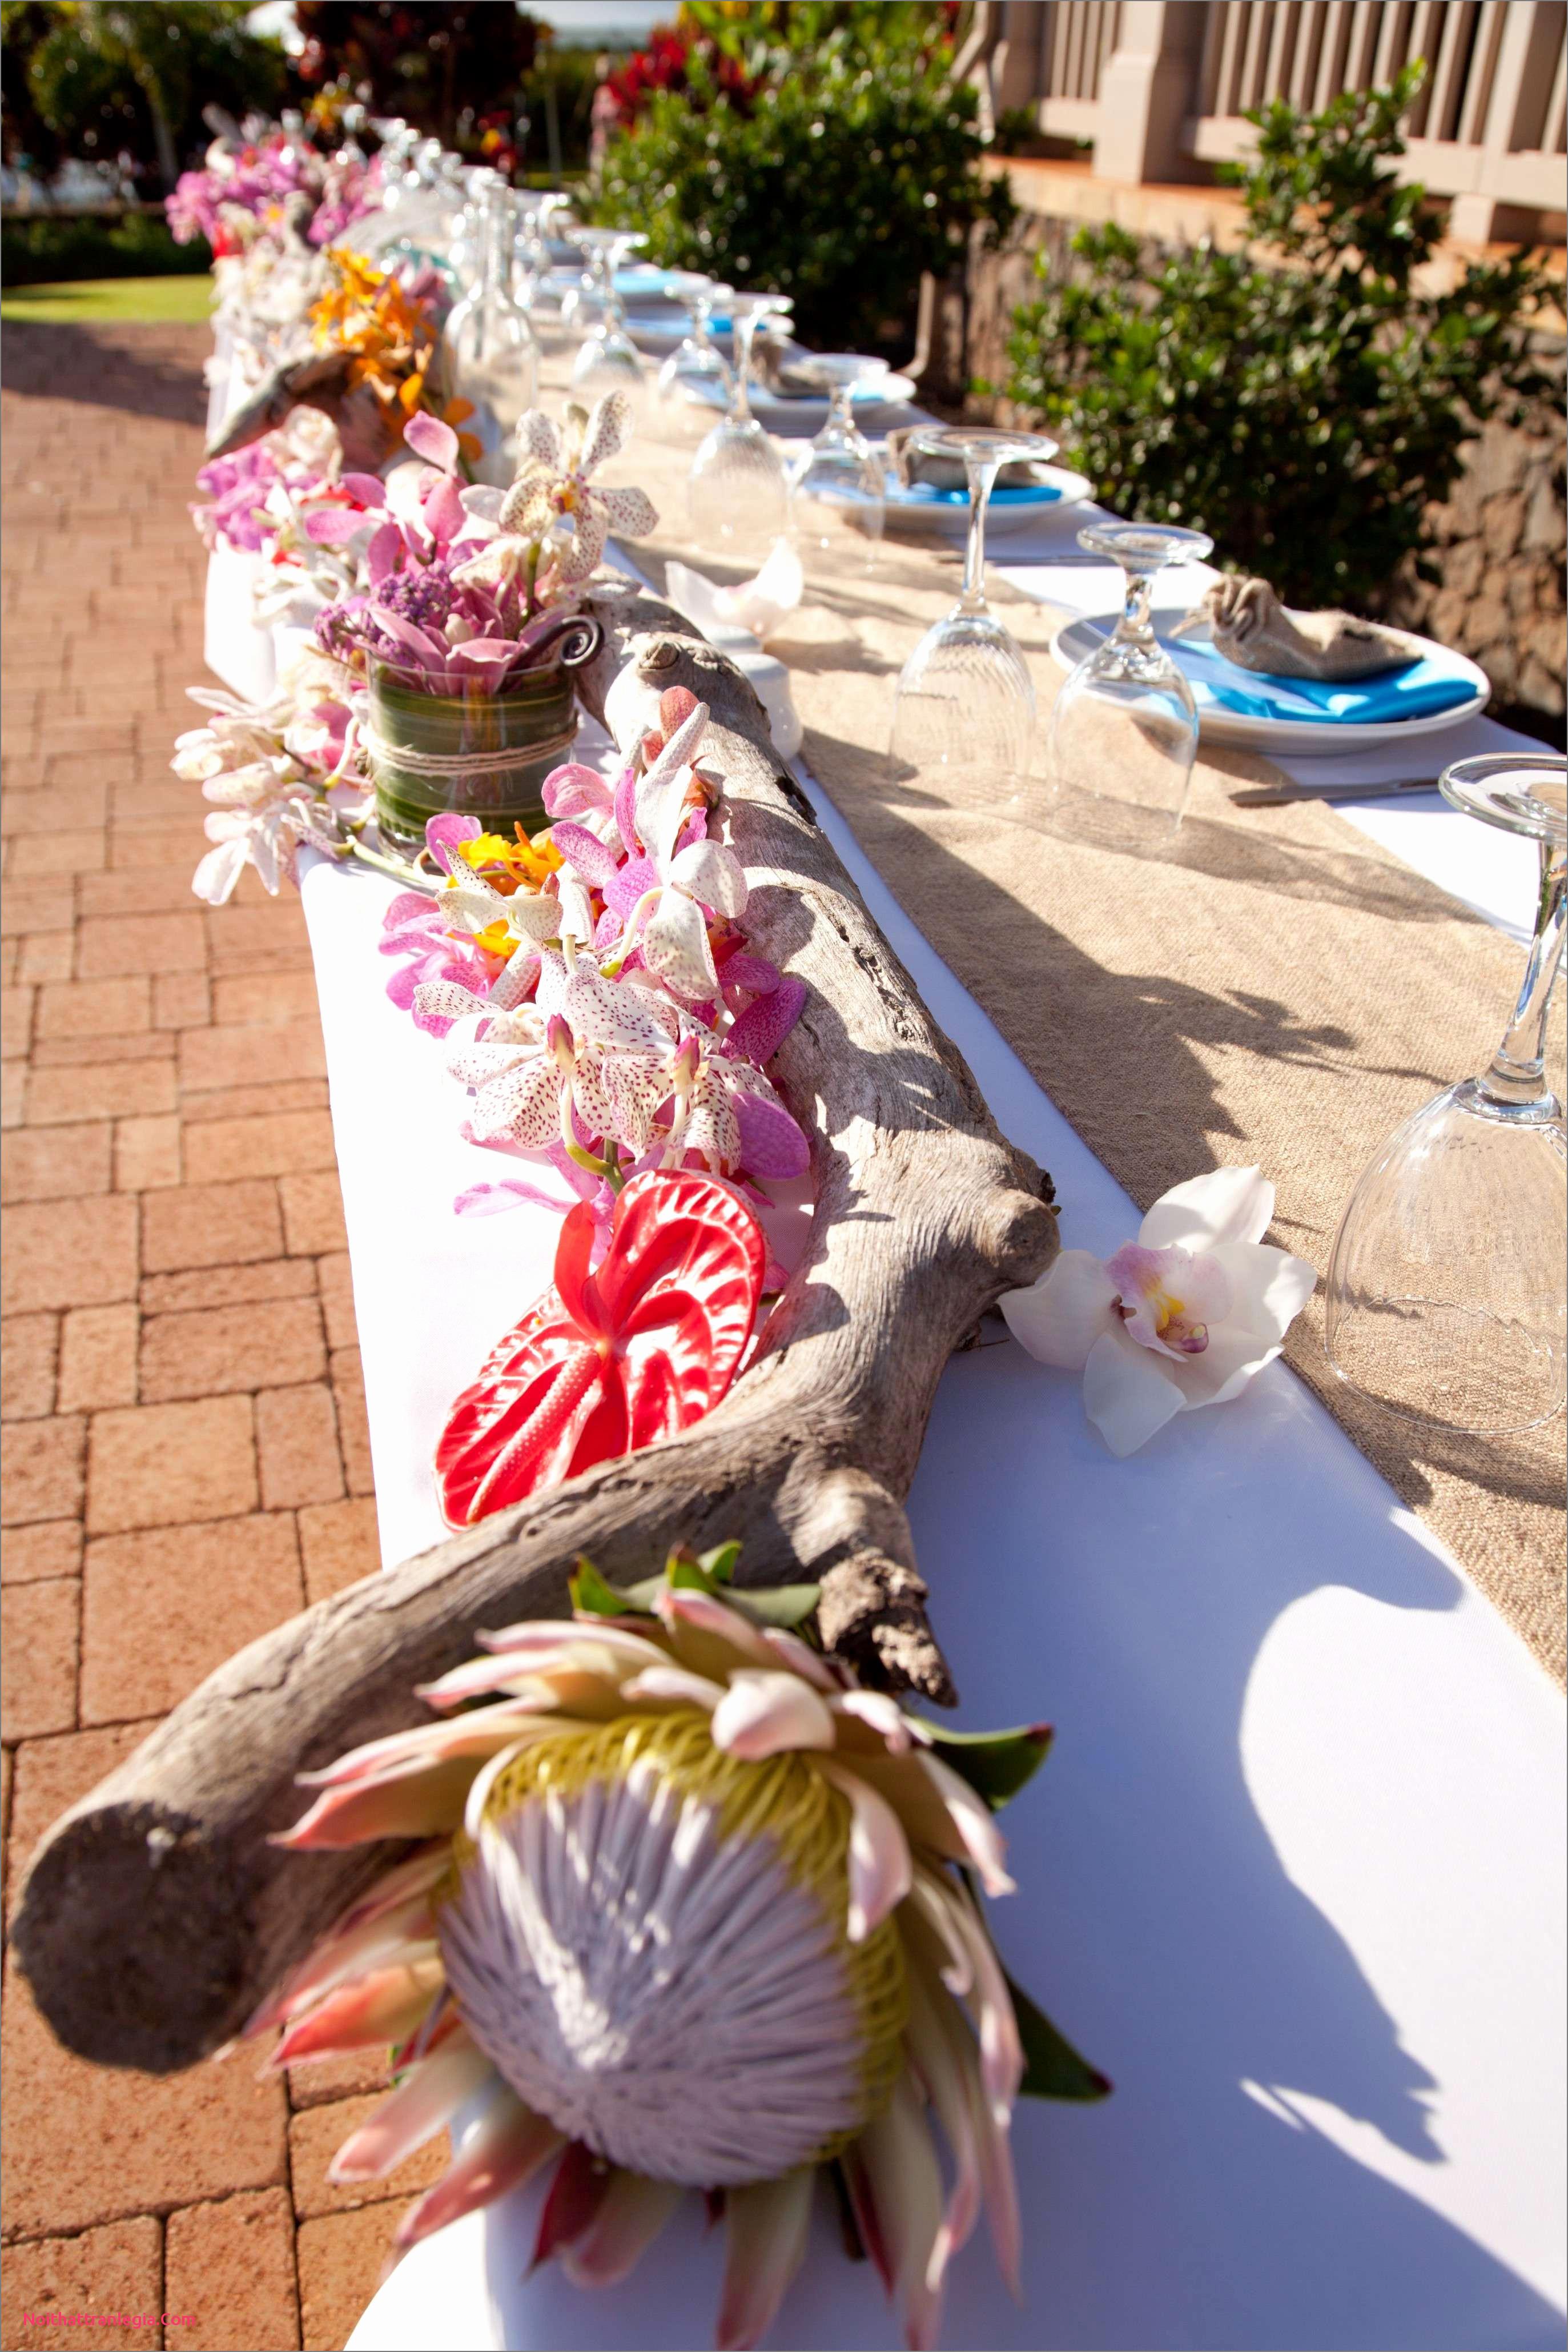 flower vase design plastic bottle of 20 wedding vases noithattranlegia vases design regarding gallery things needed for a wedding new dollar tree wedding decorations awesome h vases dollar vase